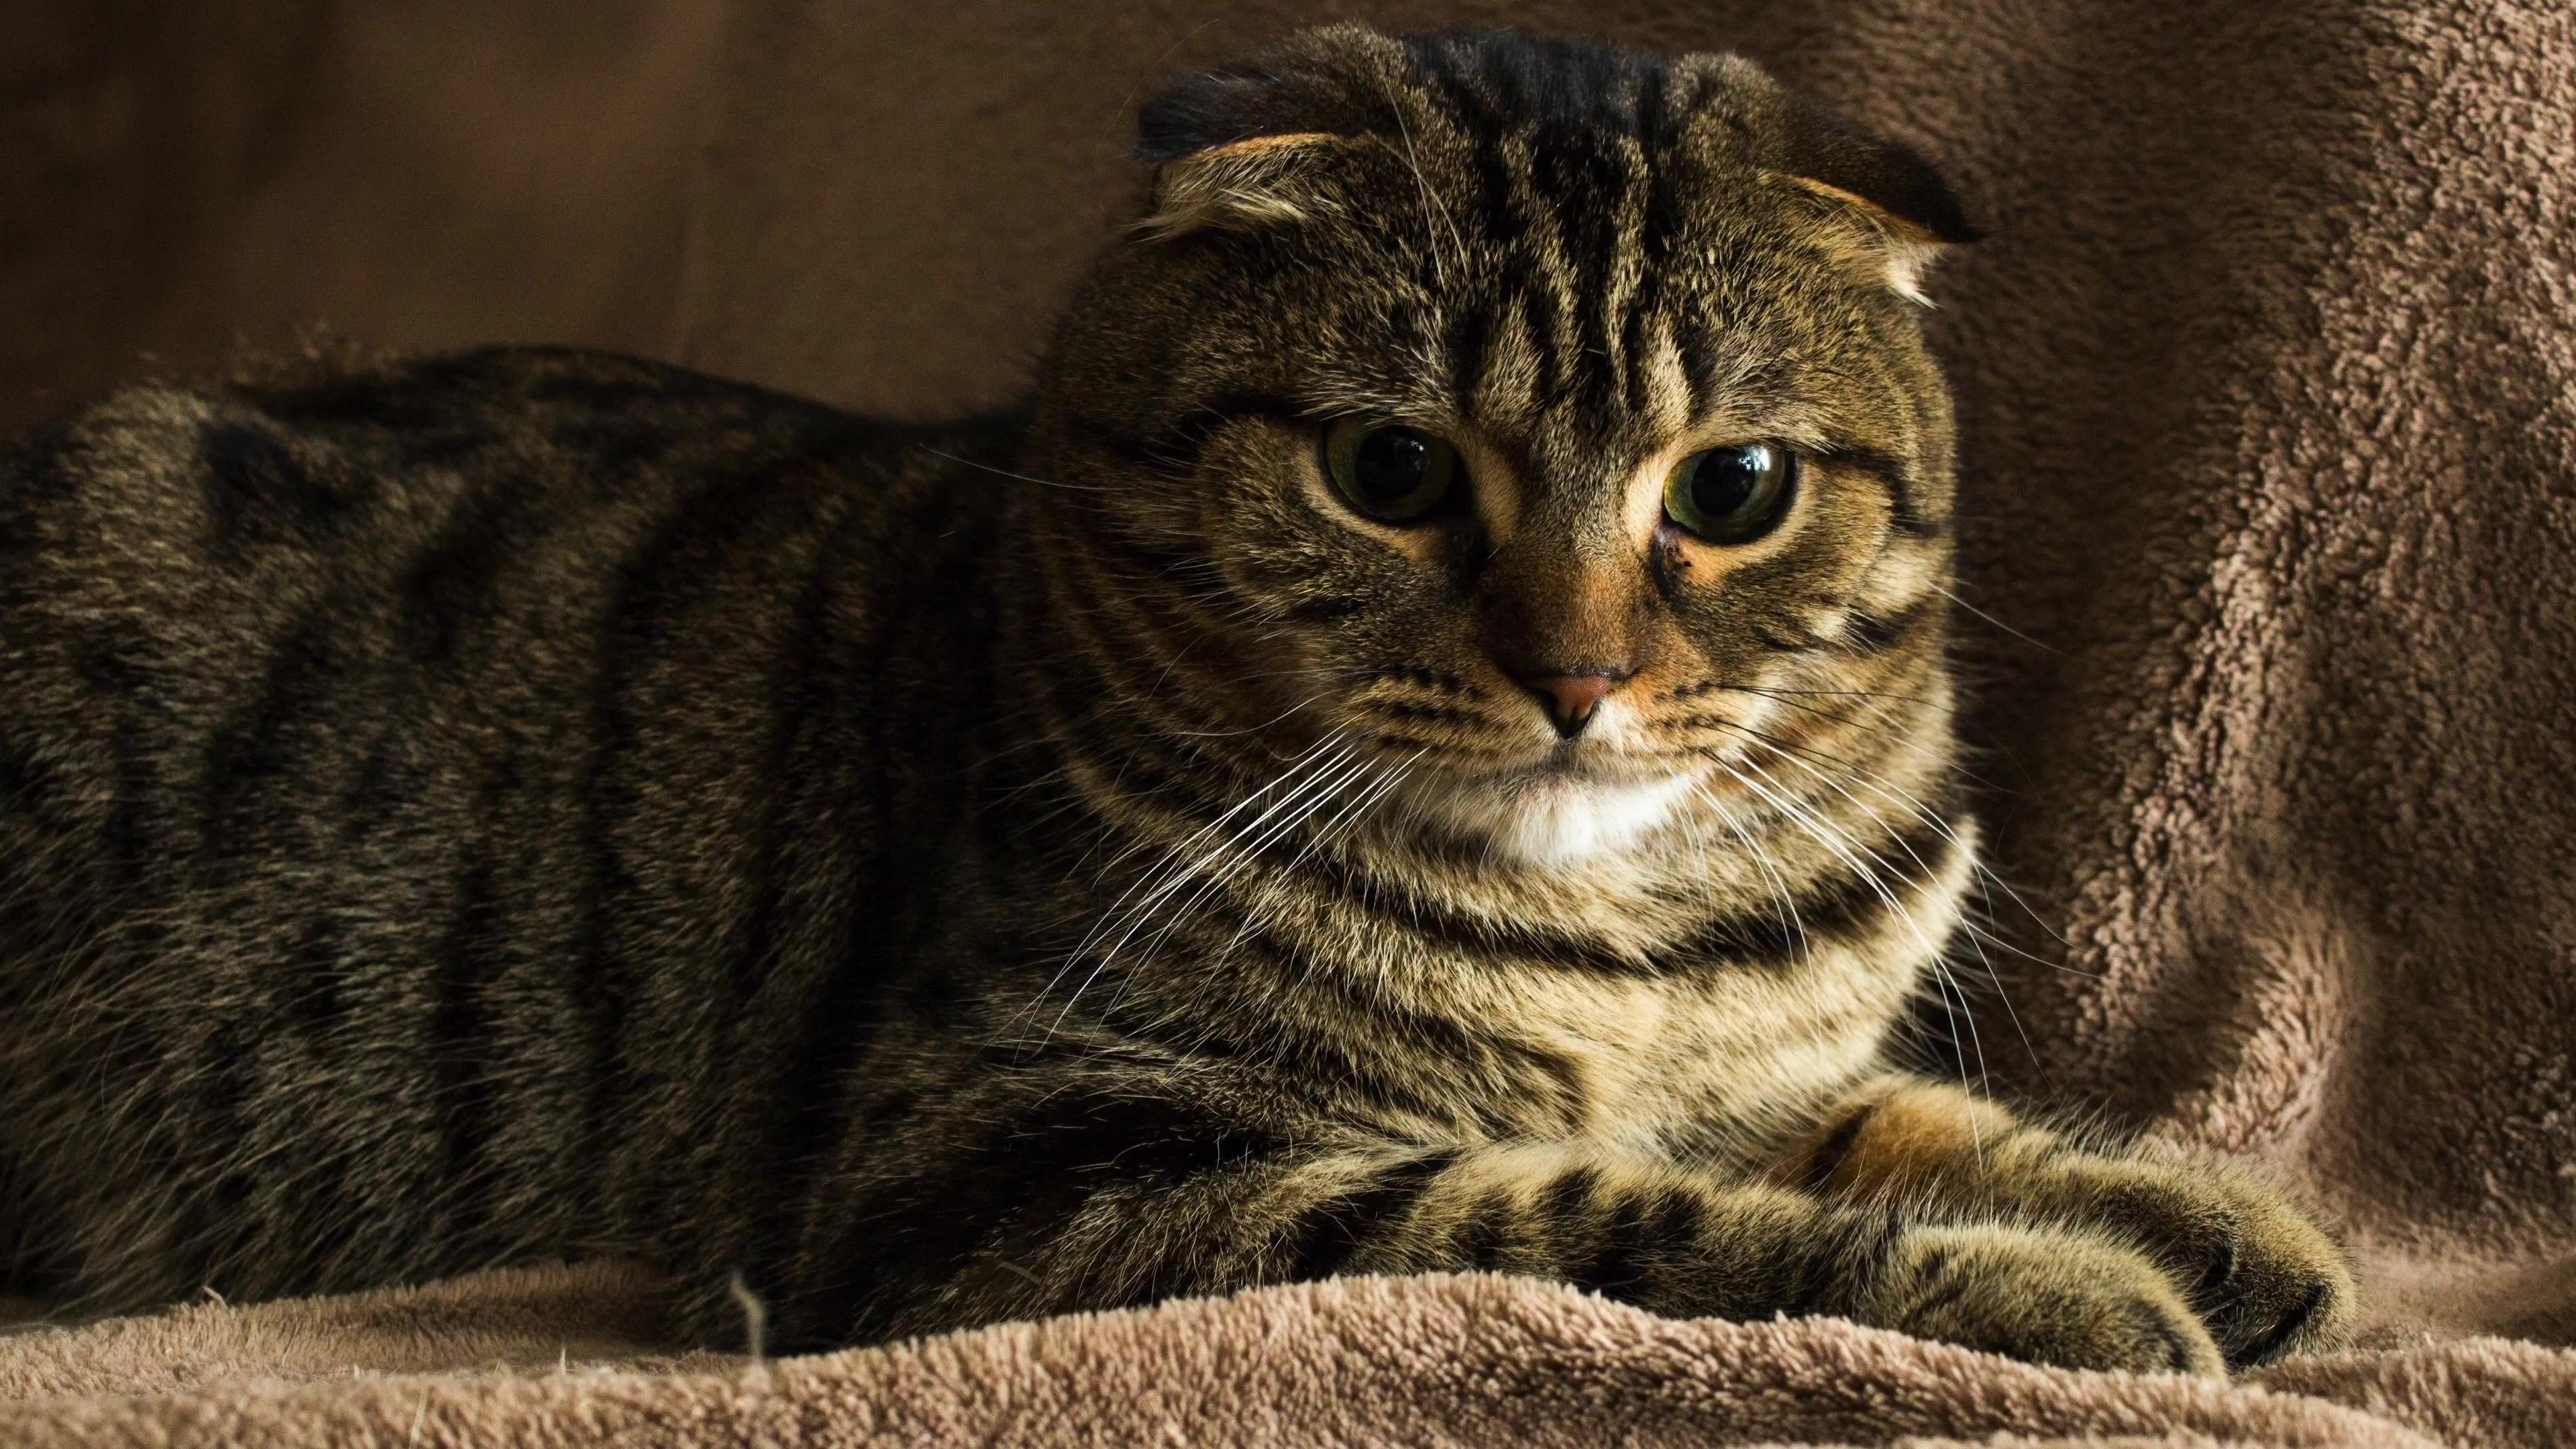 Gatos Cats 4k Uhd Ultra High Definition Cats Pinterest